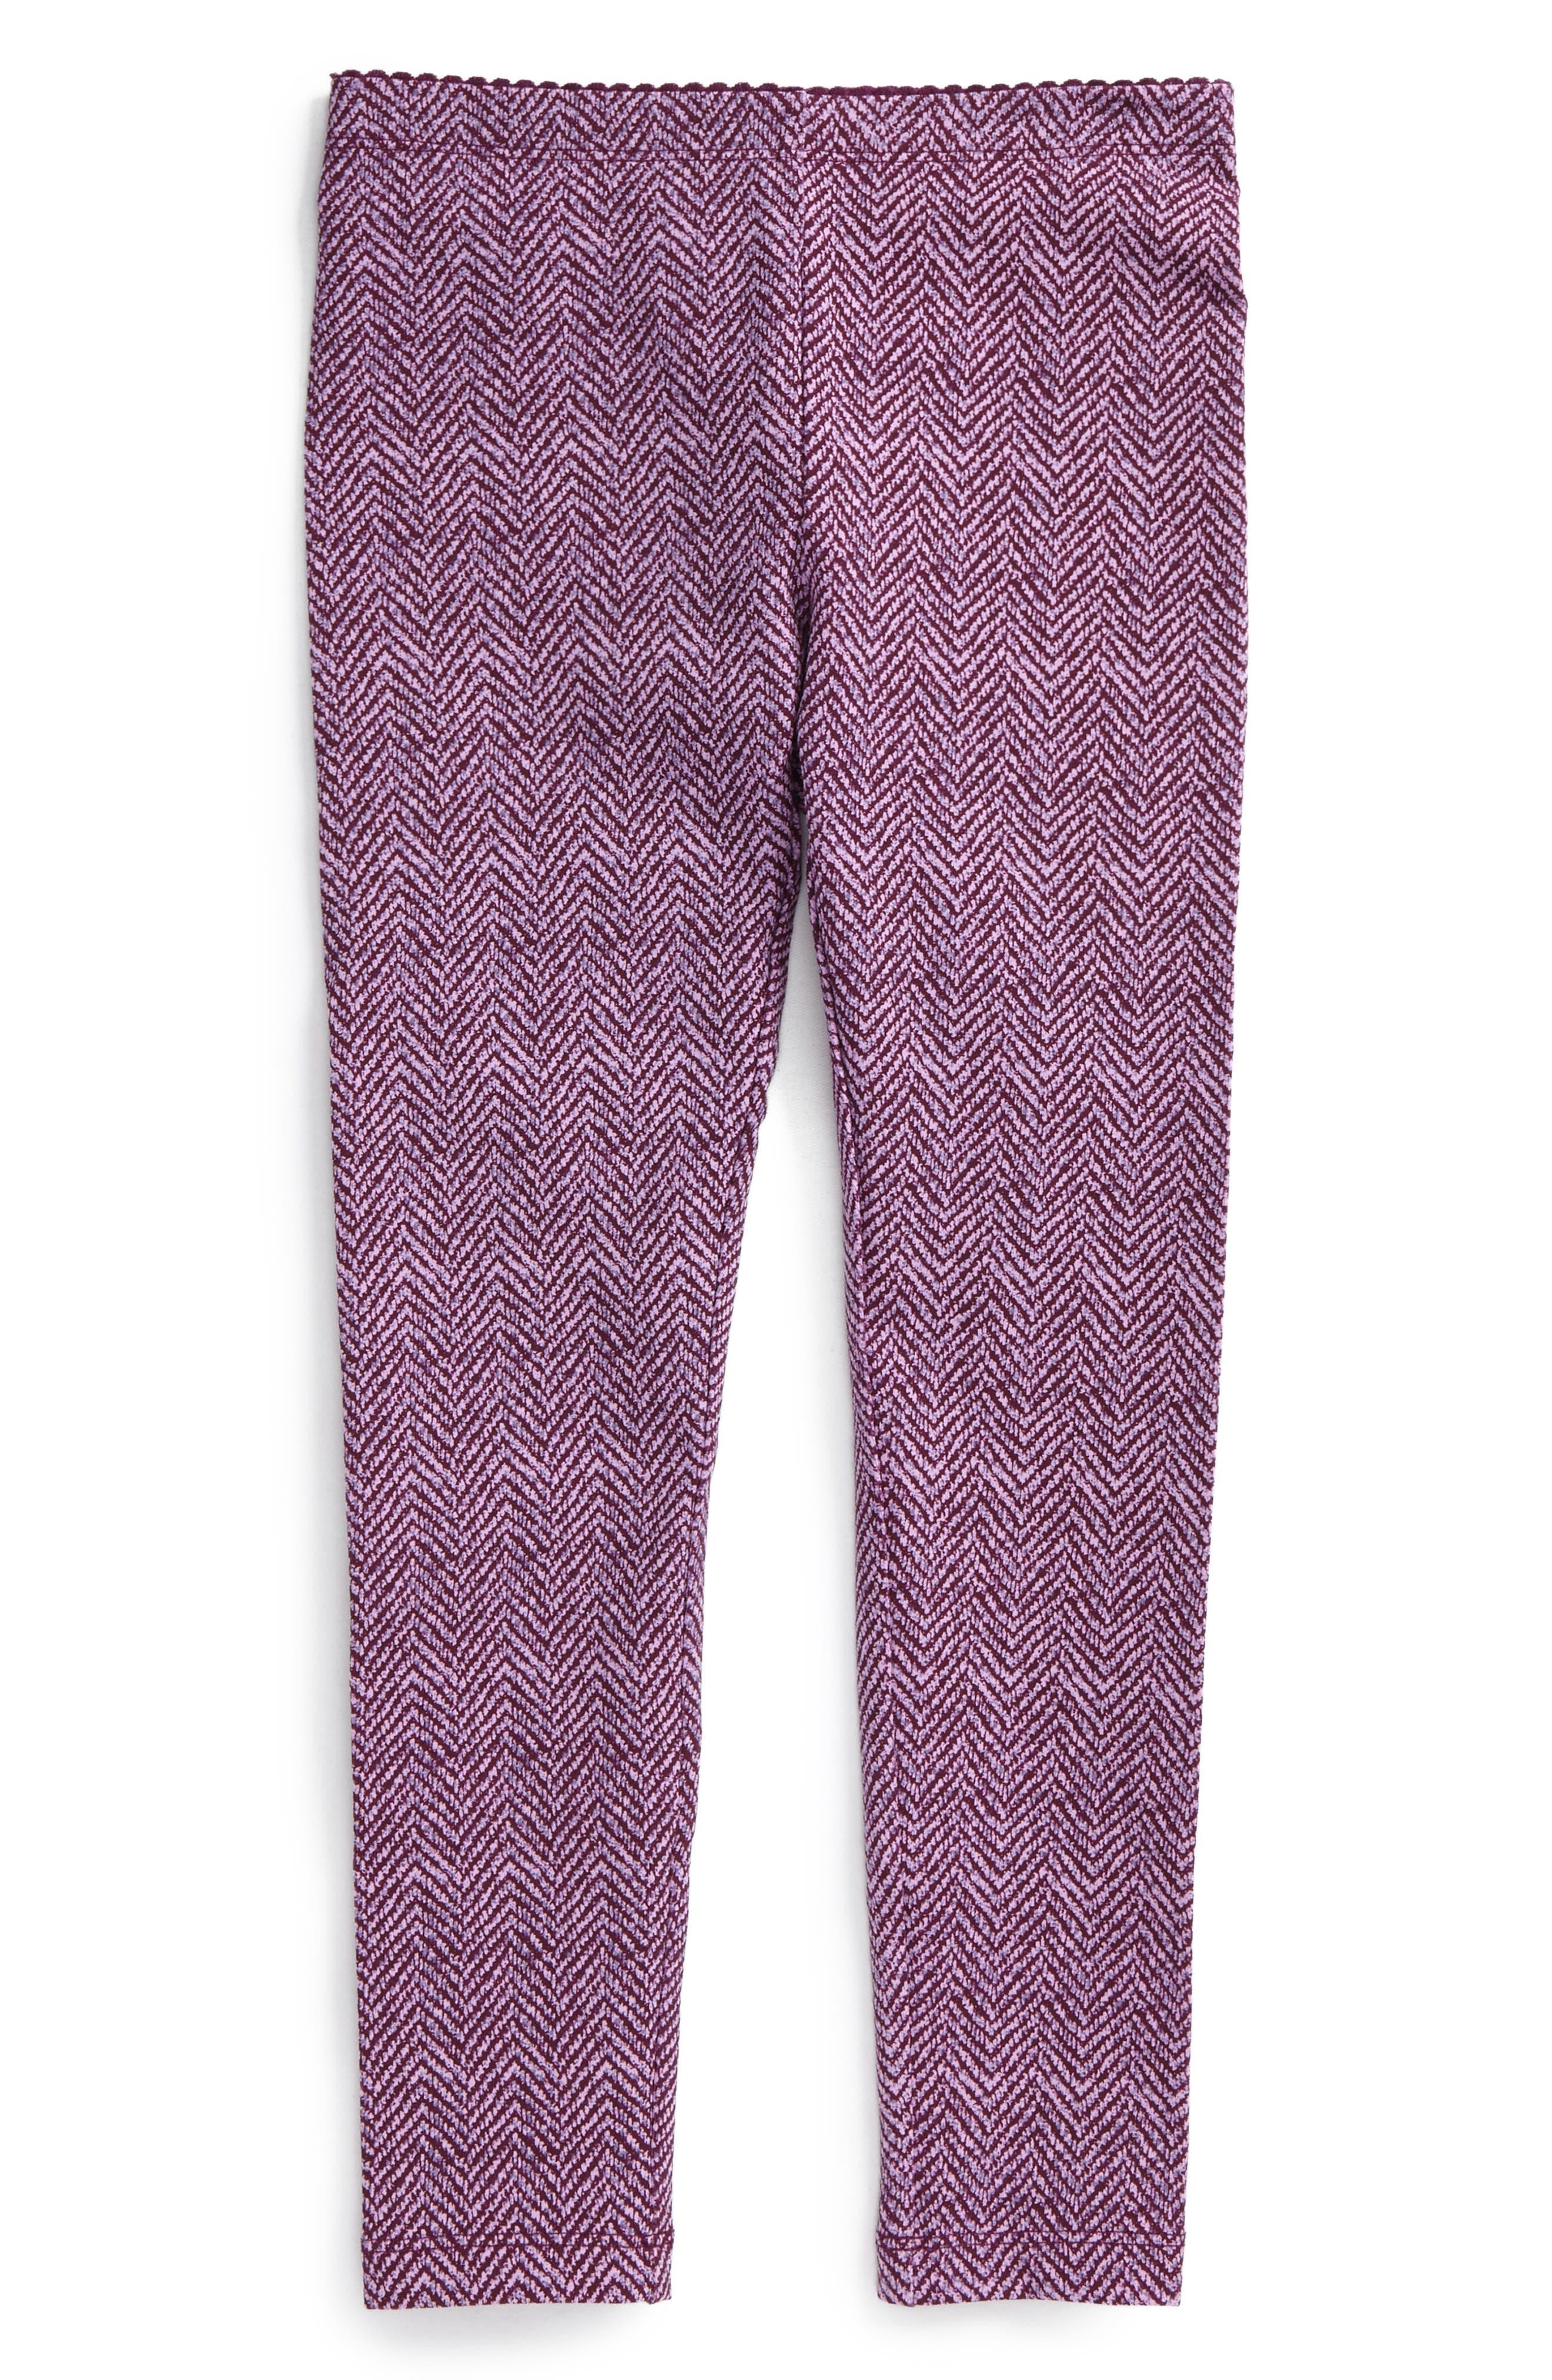 Tweed Print Leggings,                             Main thumbnail 2, color,